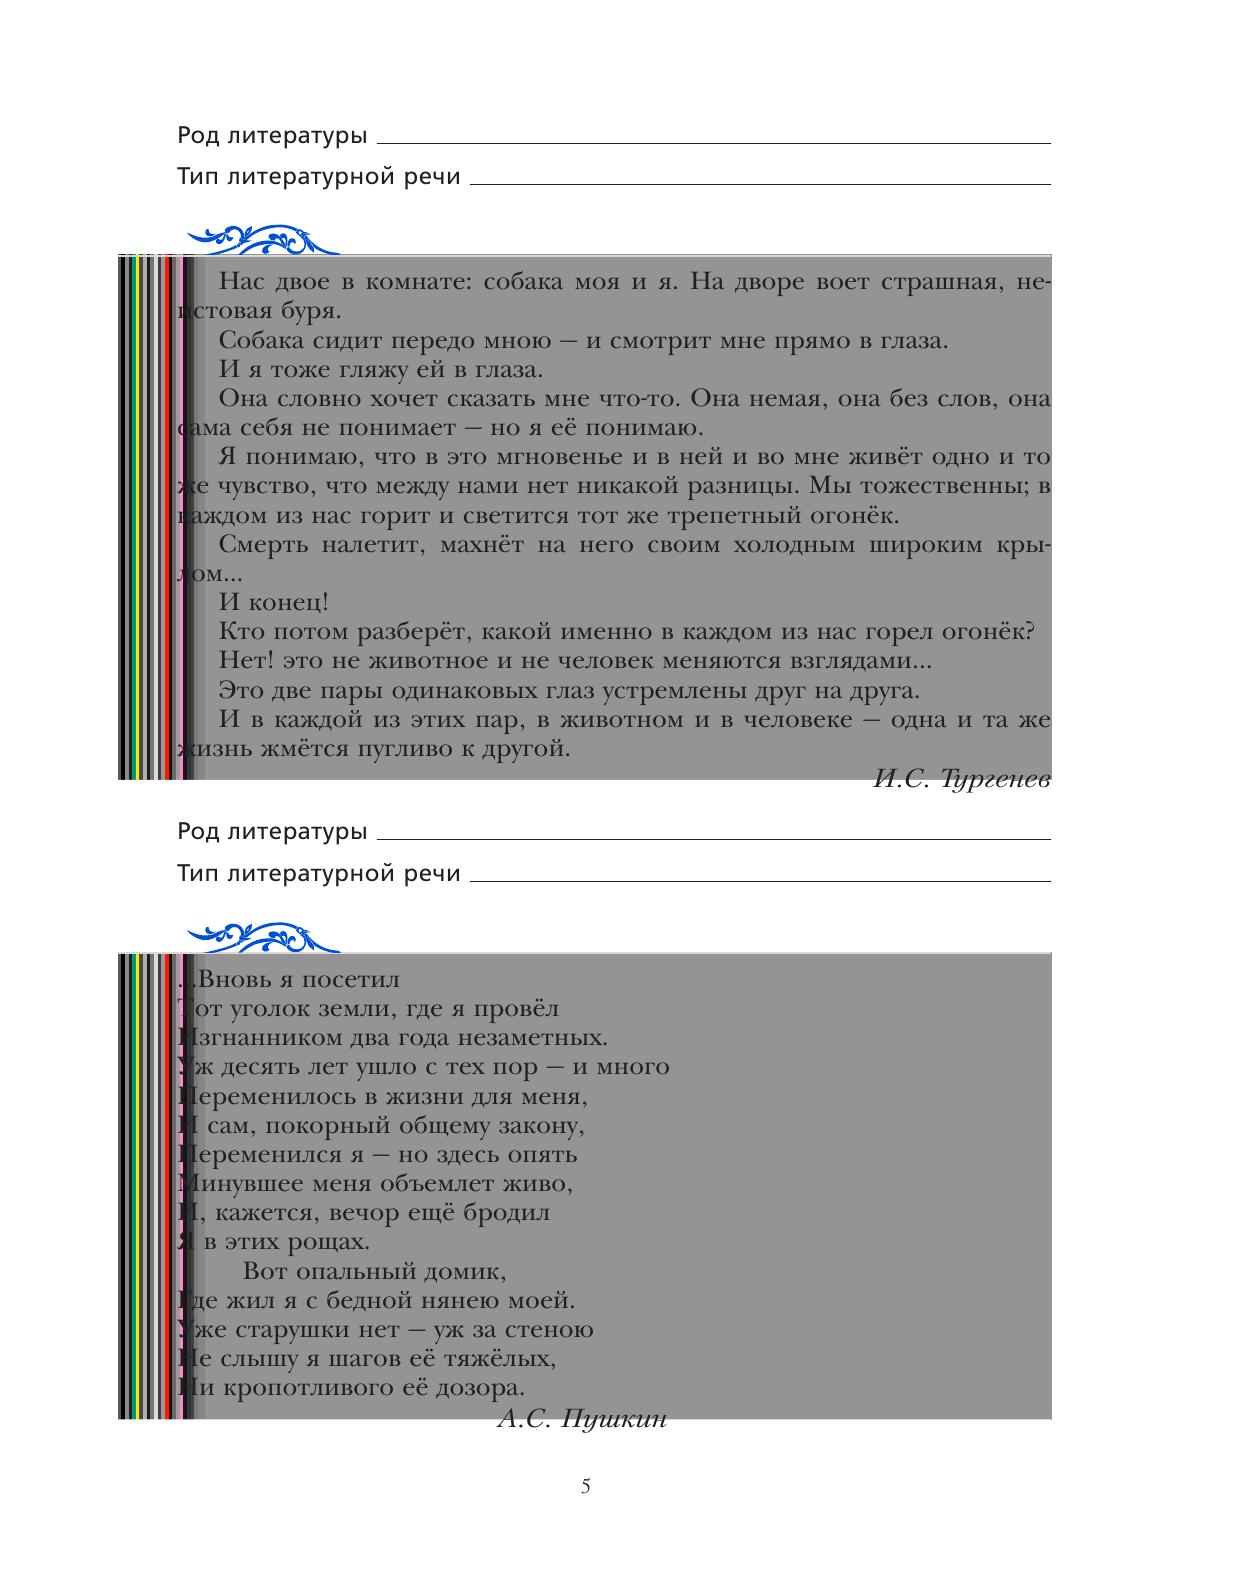 Гдз рабочая тетрадь по литературе за 5 класс москвин г в пуряева